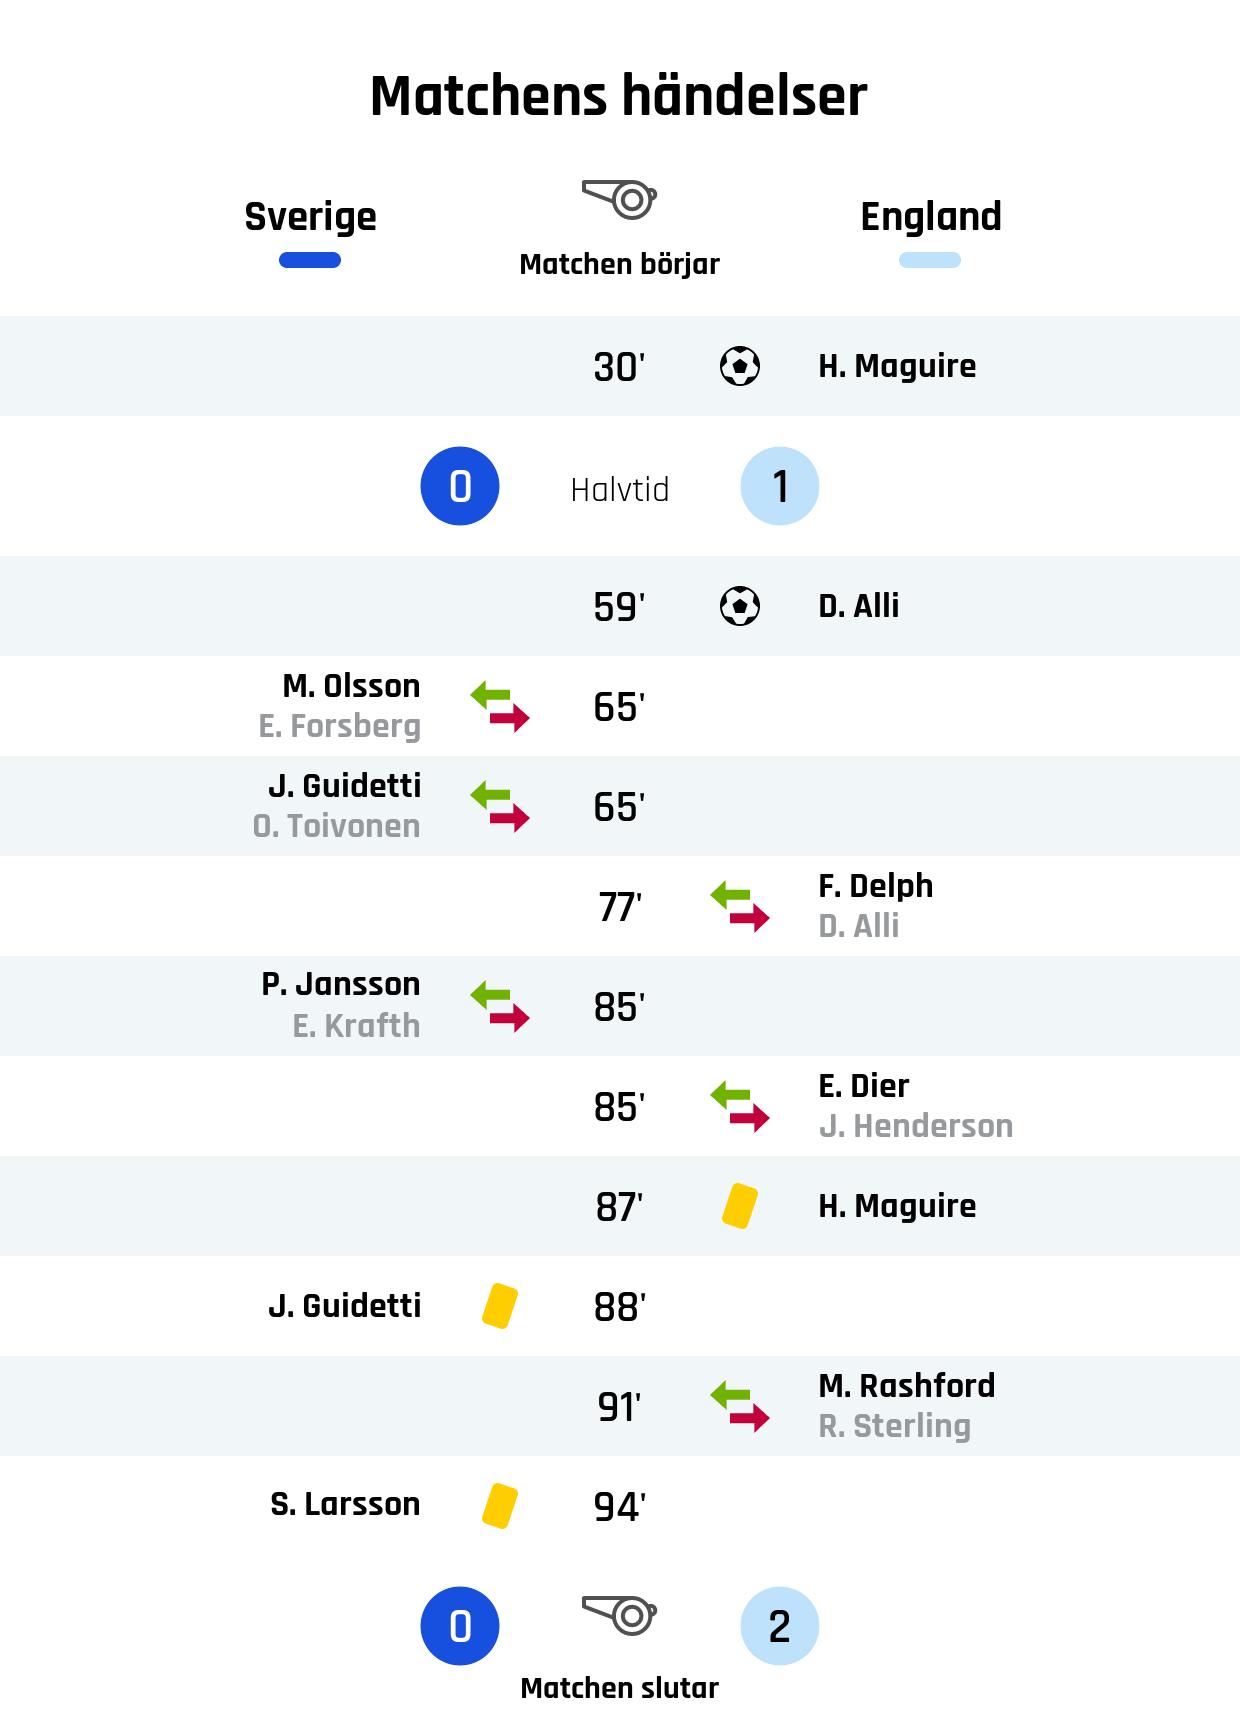 30' Mål England: H. Maguire<br /> Resultat i halvtid: Sverige 0, England 1<br /> 59' Mål England: D. Alli<br /> 65' Sveriges byte: M. Olsson in, E. Forsberg ut<br /> 65' Sveriges byte: J. Guidetti in, O. Toivonen ut<br /> 77' Englands byte: F. Delph in, D. Alli ut<br /> 85' Sveriges byte: P. Jansson in, E. Krafth ut<br /> 85' Englands byte: E. Dier in, J. Henderson ut<br /> 87' Gult kort: H. Maguire, England<br /> 88' Gult kort: J. Guidetti, Sverige<br /> 91' Englands byte: M. Rashford in, R. Sterling ut<br /> 94' Gult kort: S. Larsson, Sverige<br /> Slutresultat: Sverige 0, England 2